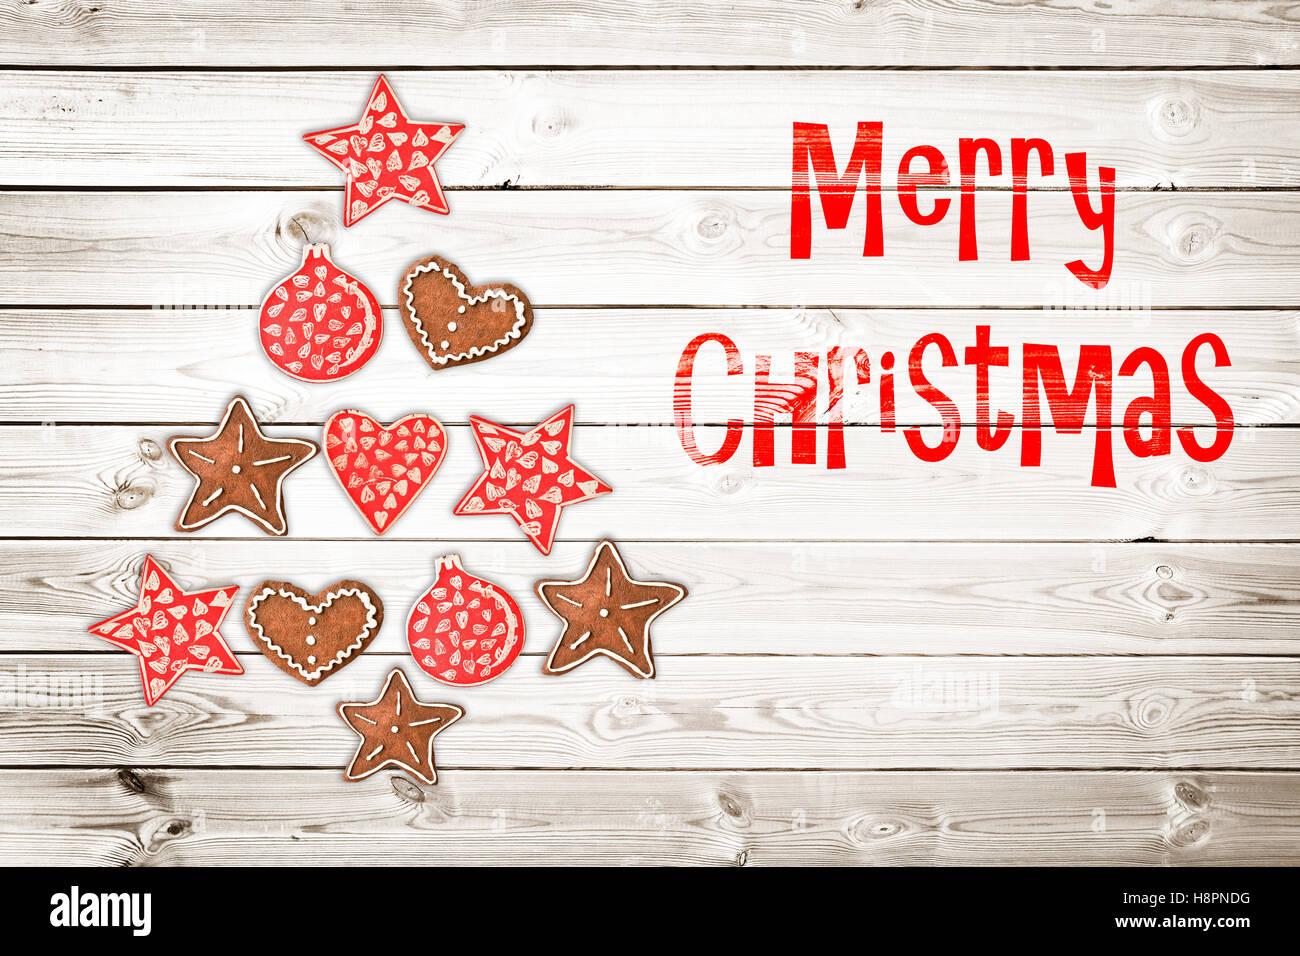 Weihnachtsgrußkarte, rustikale Ornamente auf Holzplanken Hintergrund erstellen der Form eines Weihnachtsbaumes Stockbild